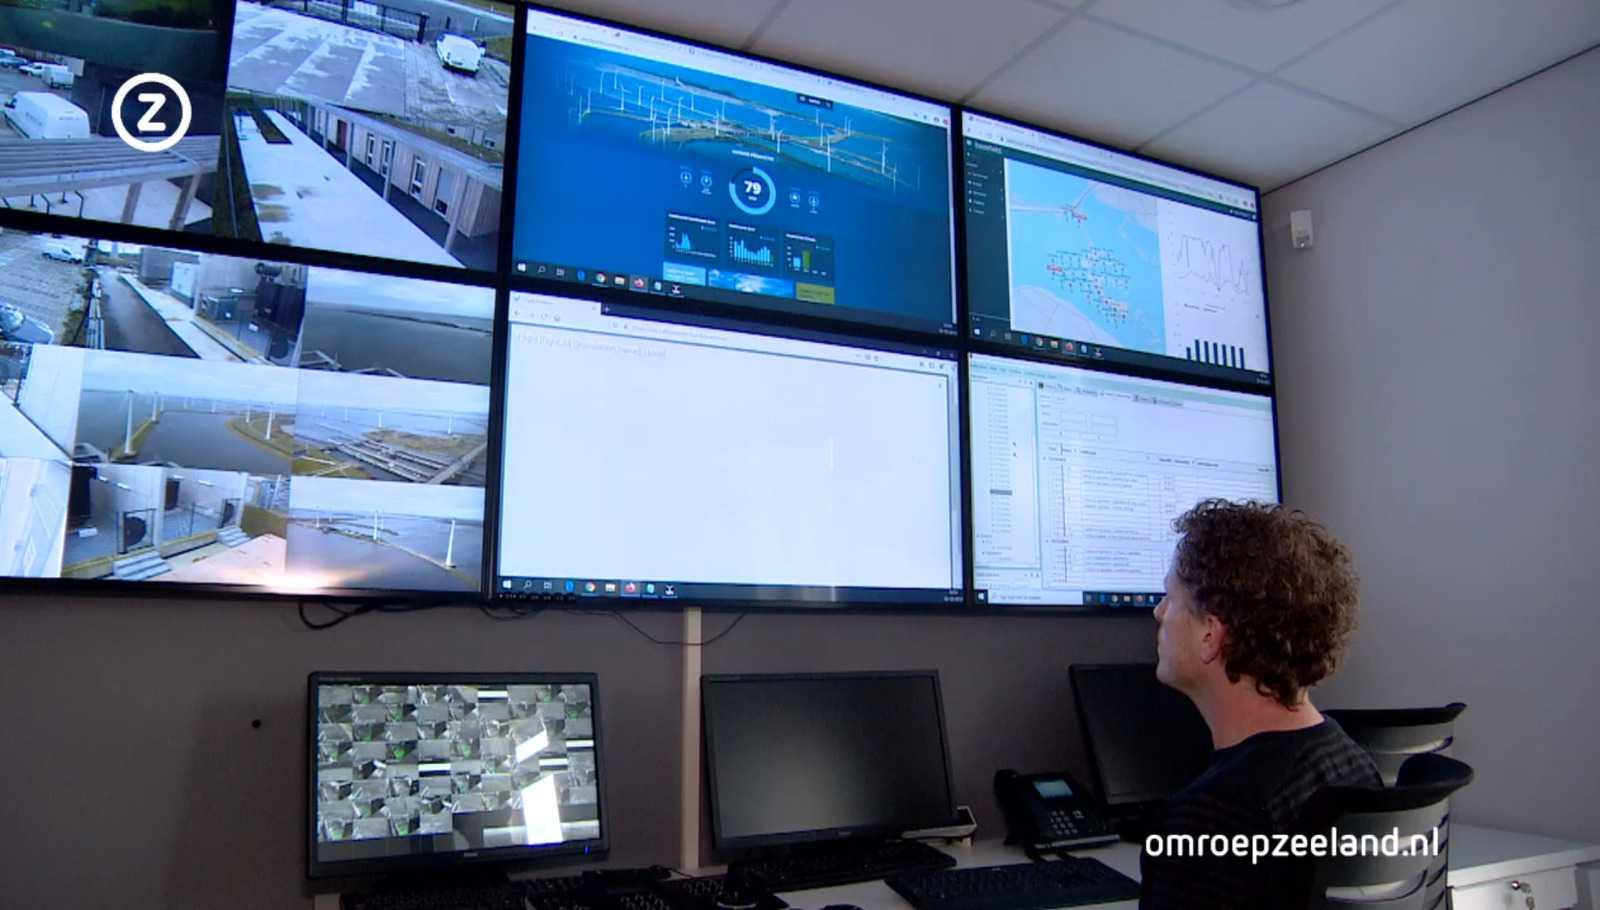 Диспетчерская ветроэлектростанции. Кадр из видео Omroep Zeeland.